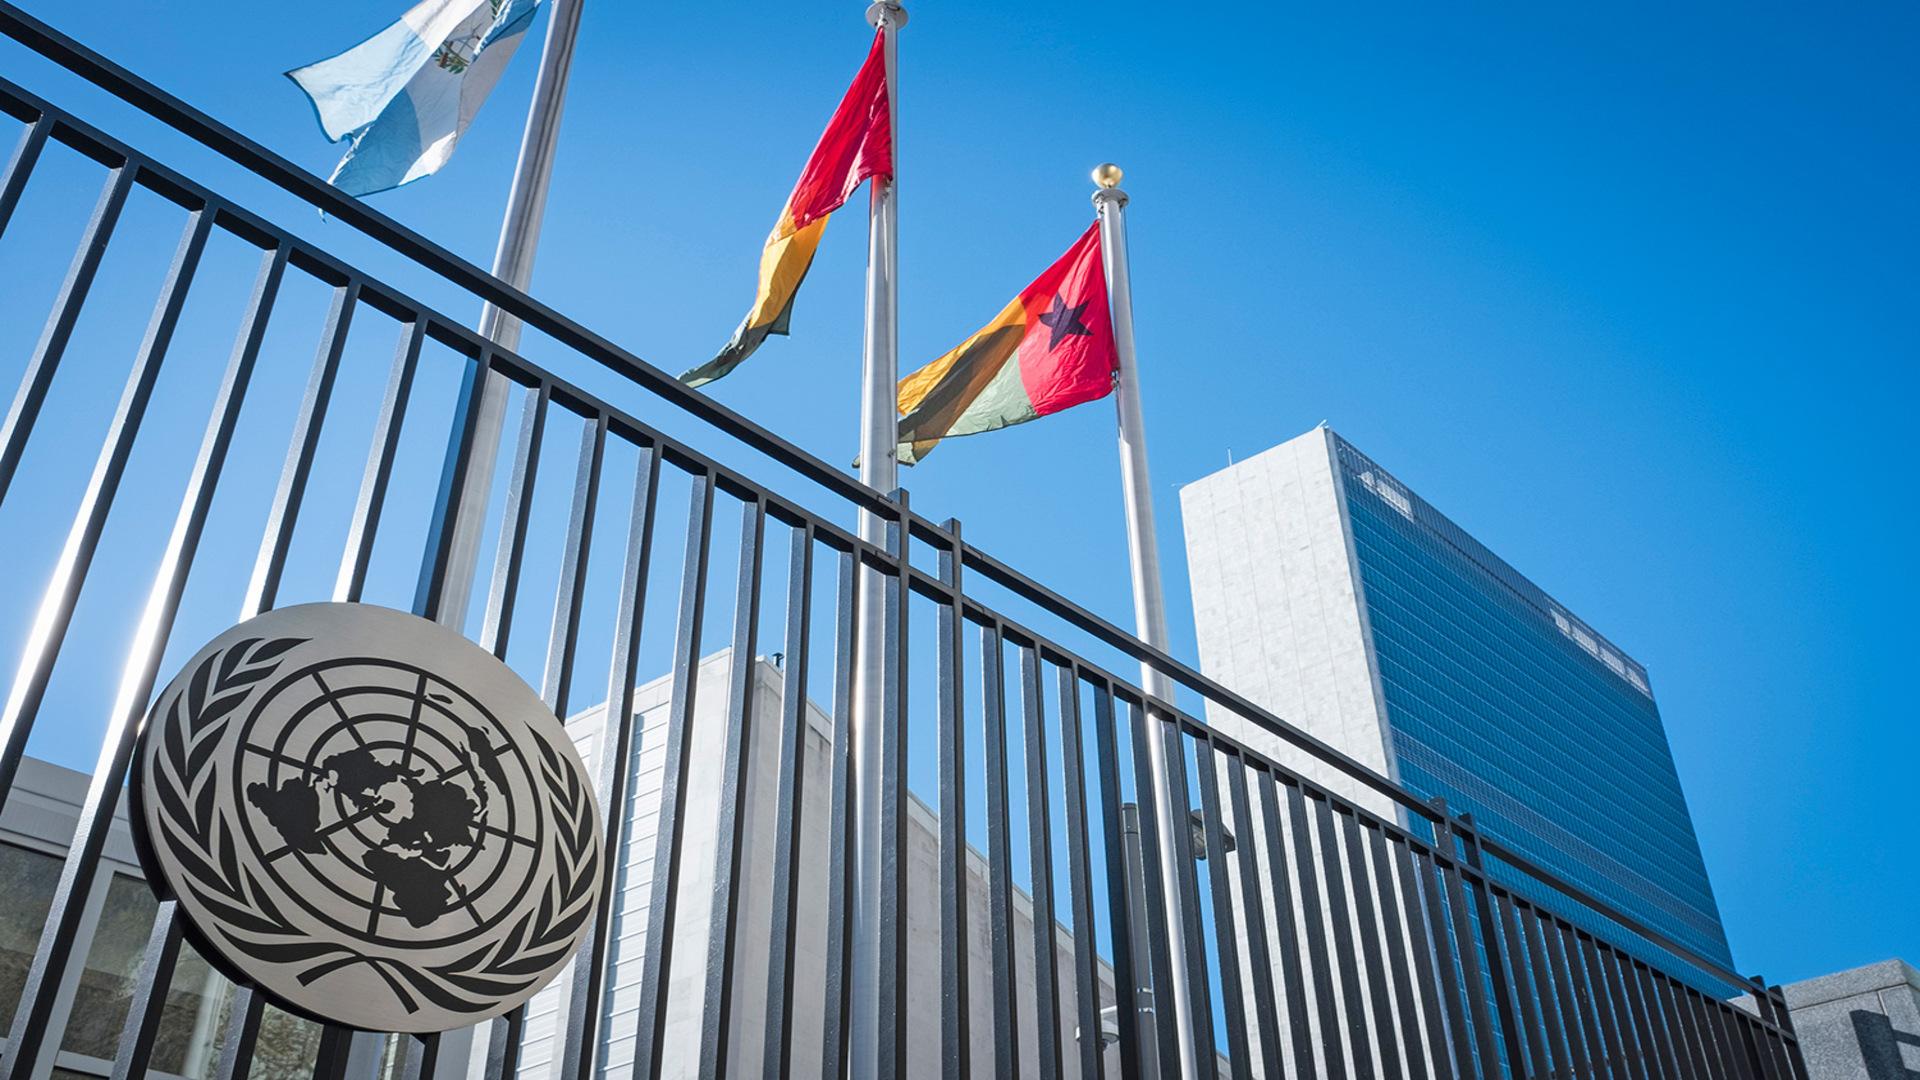 Resumen de discusión en el Consejo de Seguridad de la ONU sobre la situación humanitaria en Venezuela